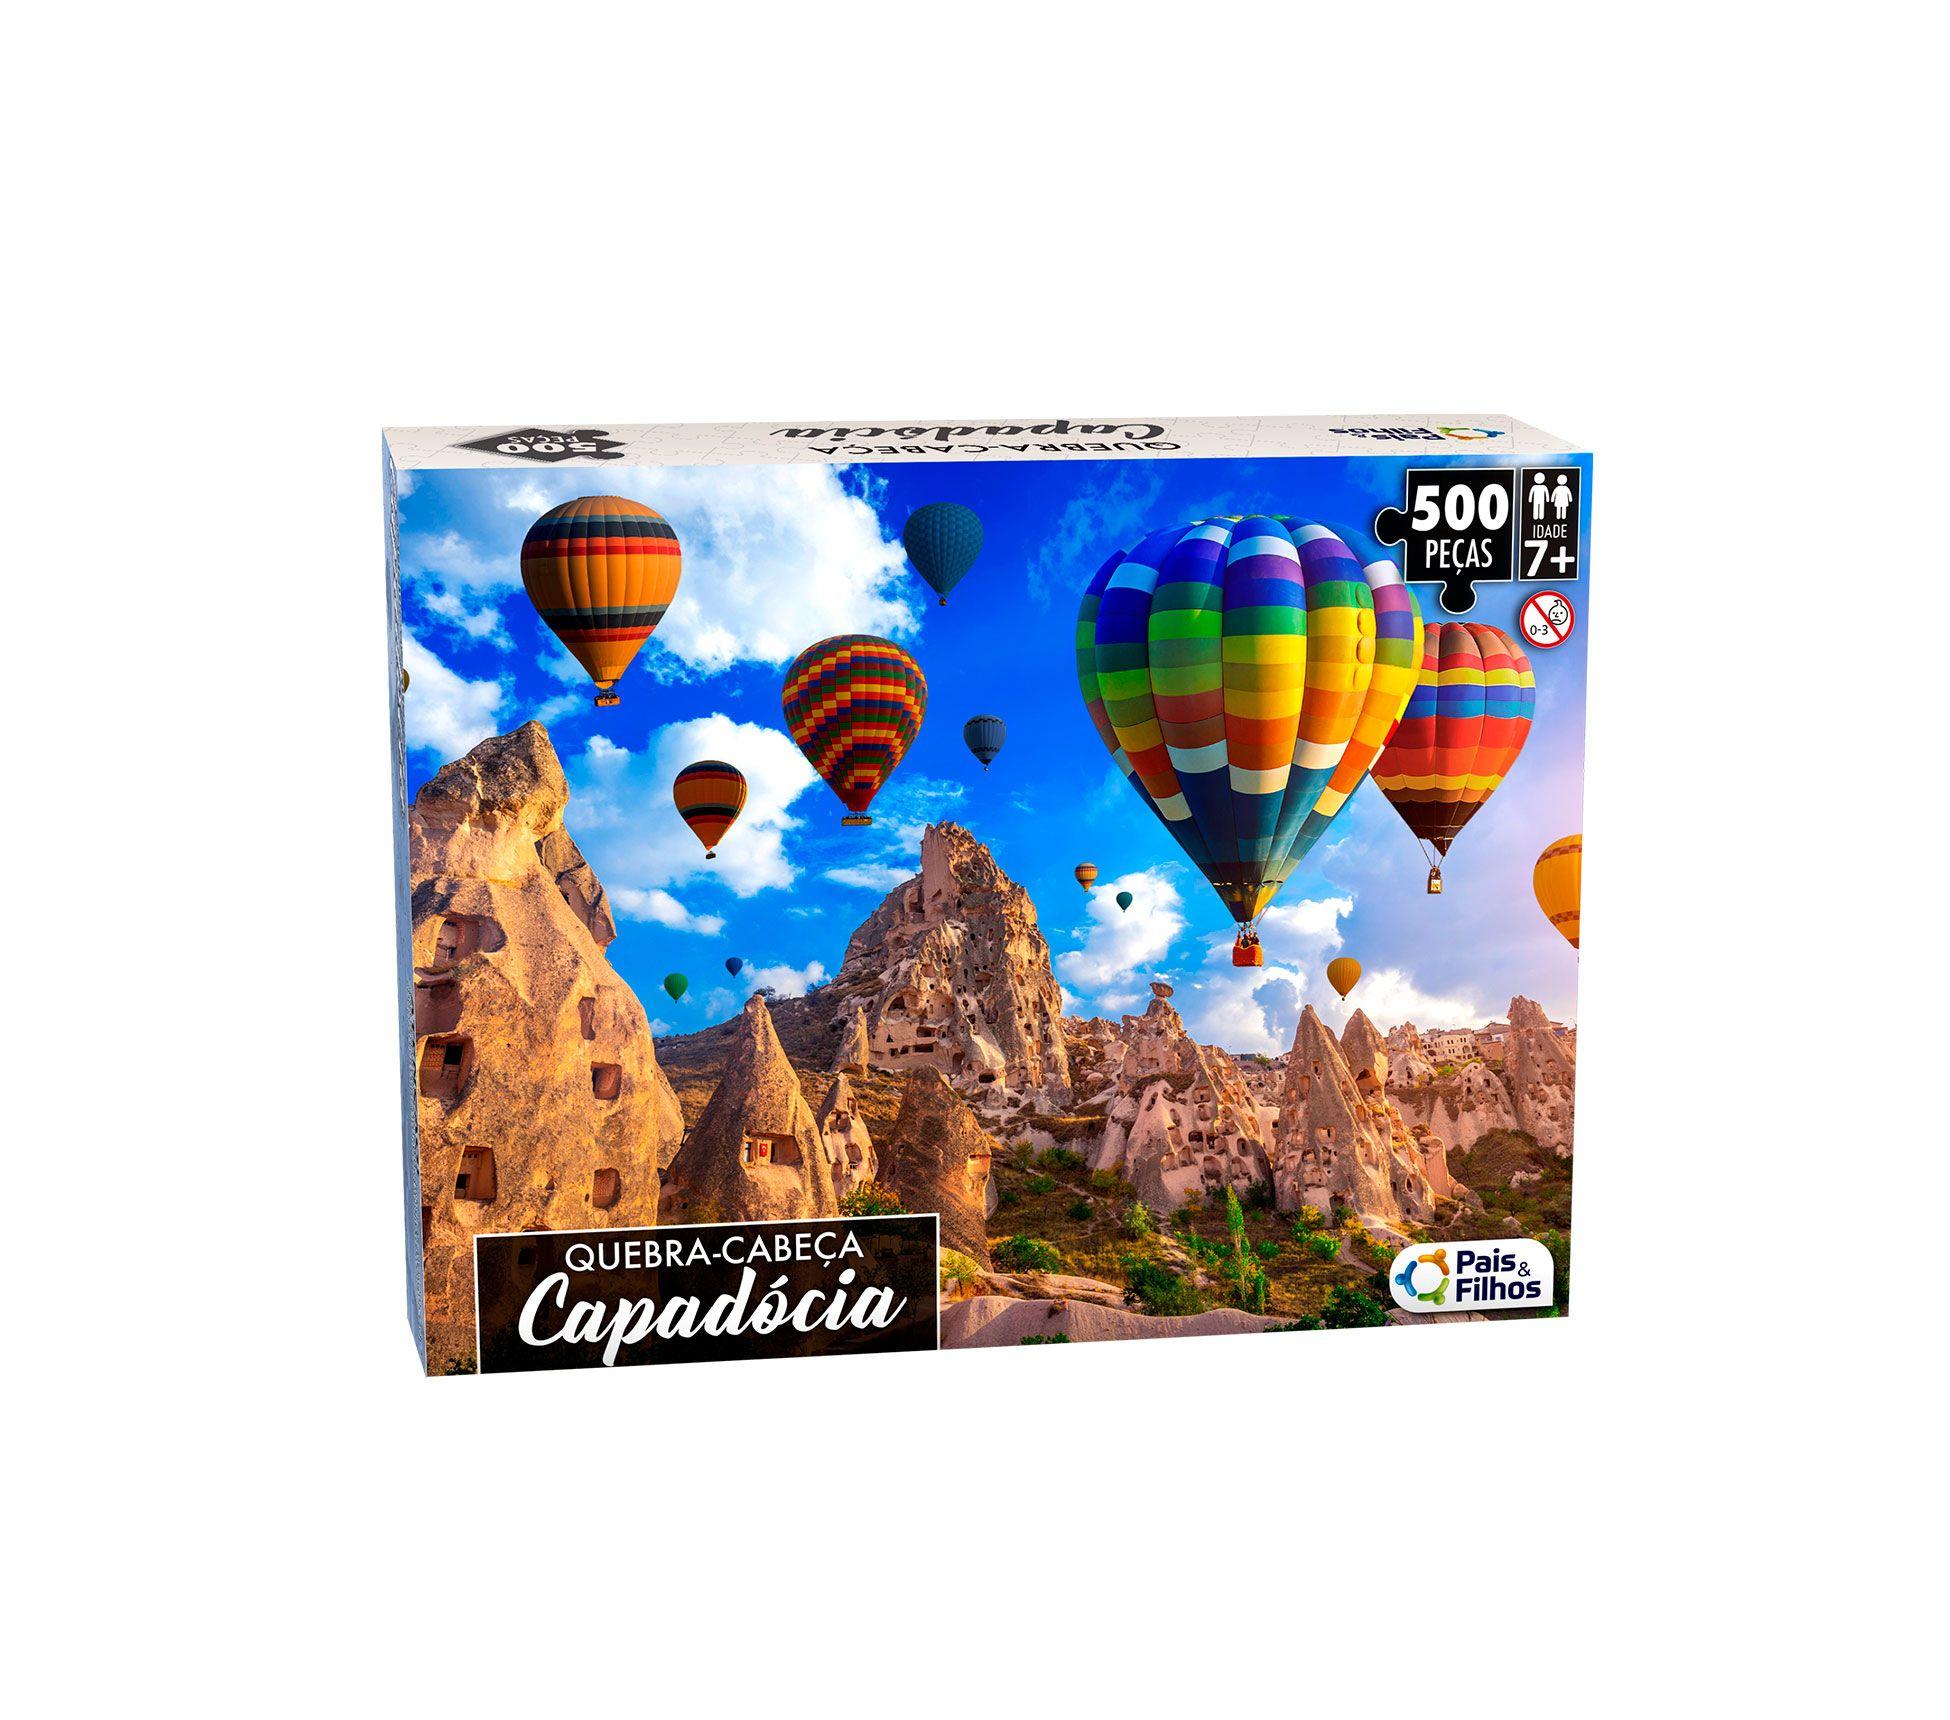 Quebra-Cabeça Capadócia 500 peças-0961